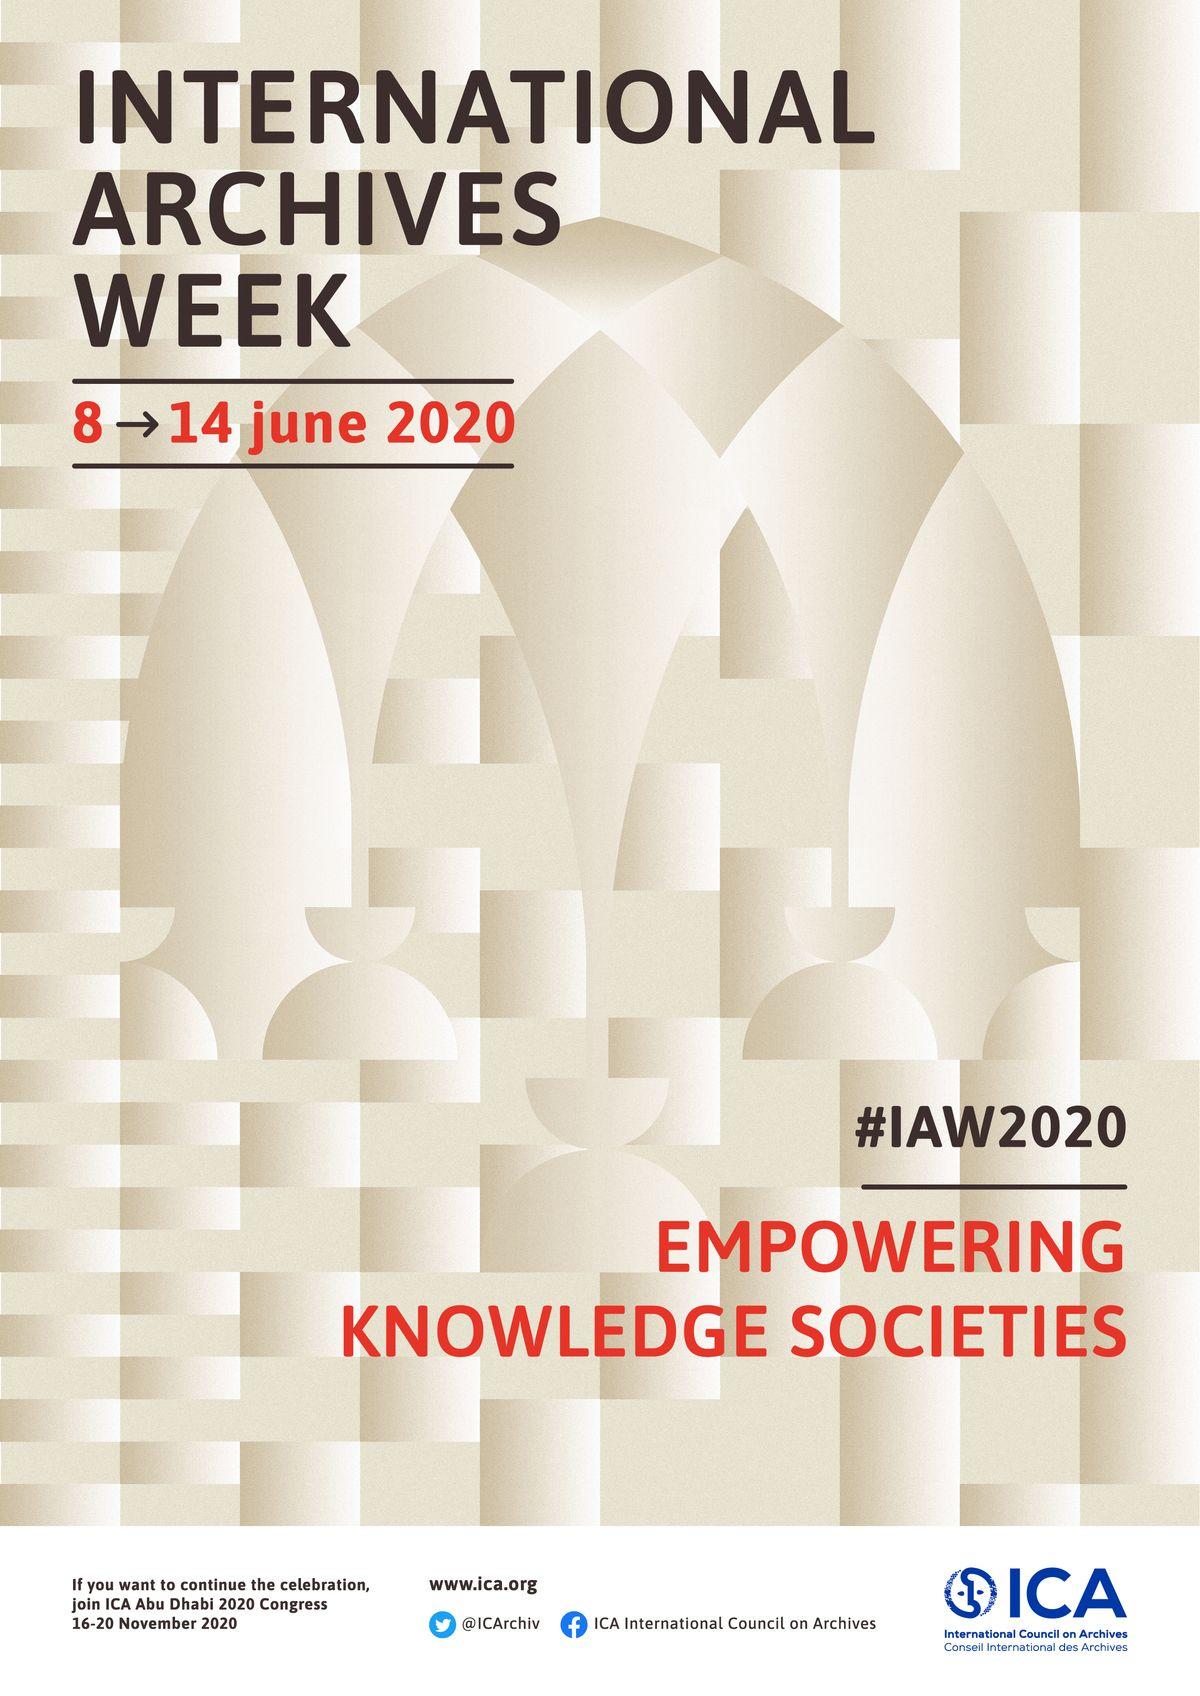 迎接2020國際檔案週